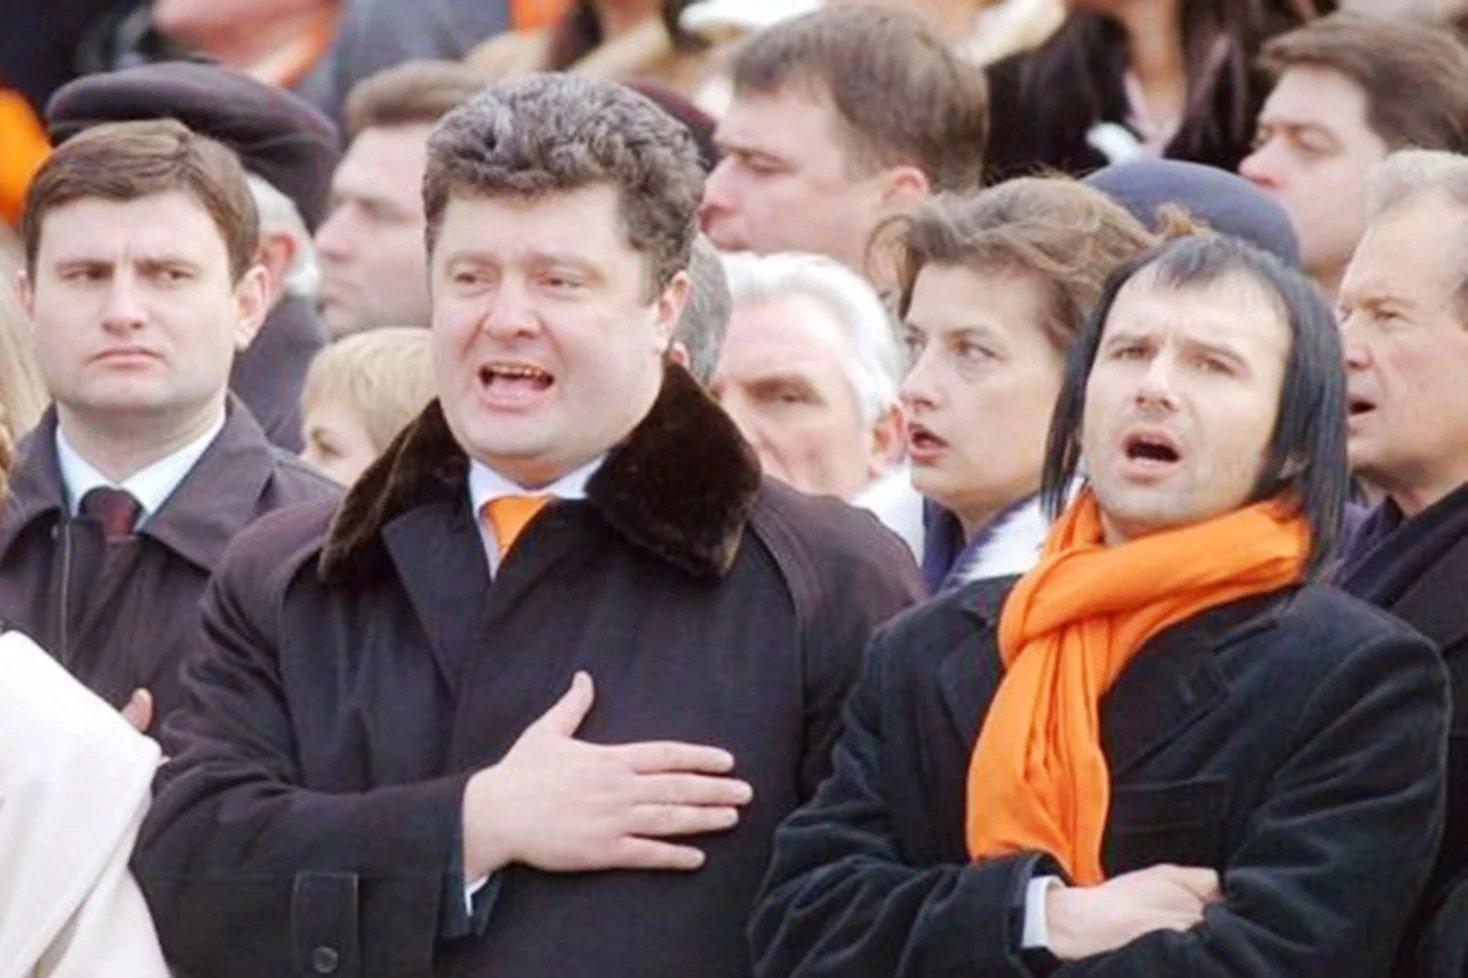 Порошенко и Вакарчуку заморозили активы в РФ: политики попали под санкции